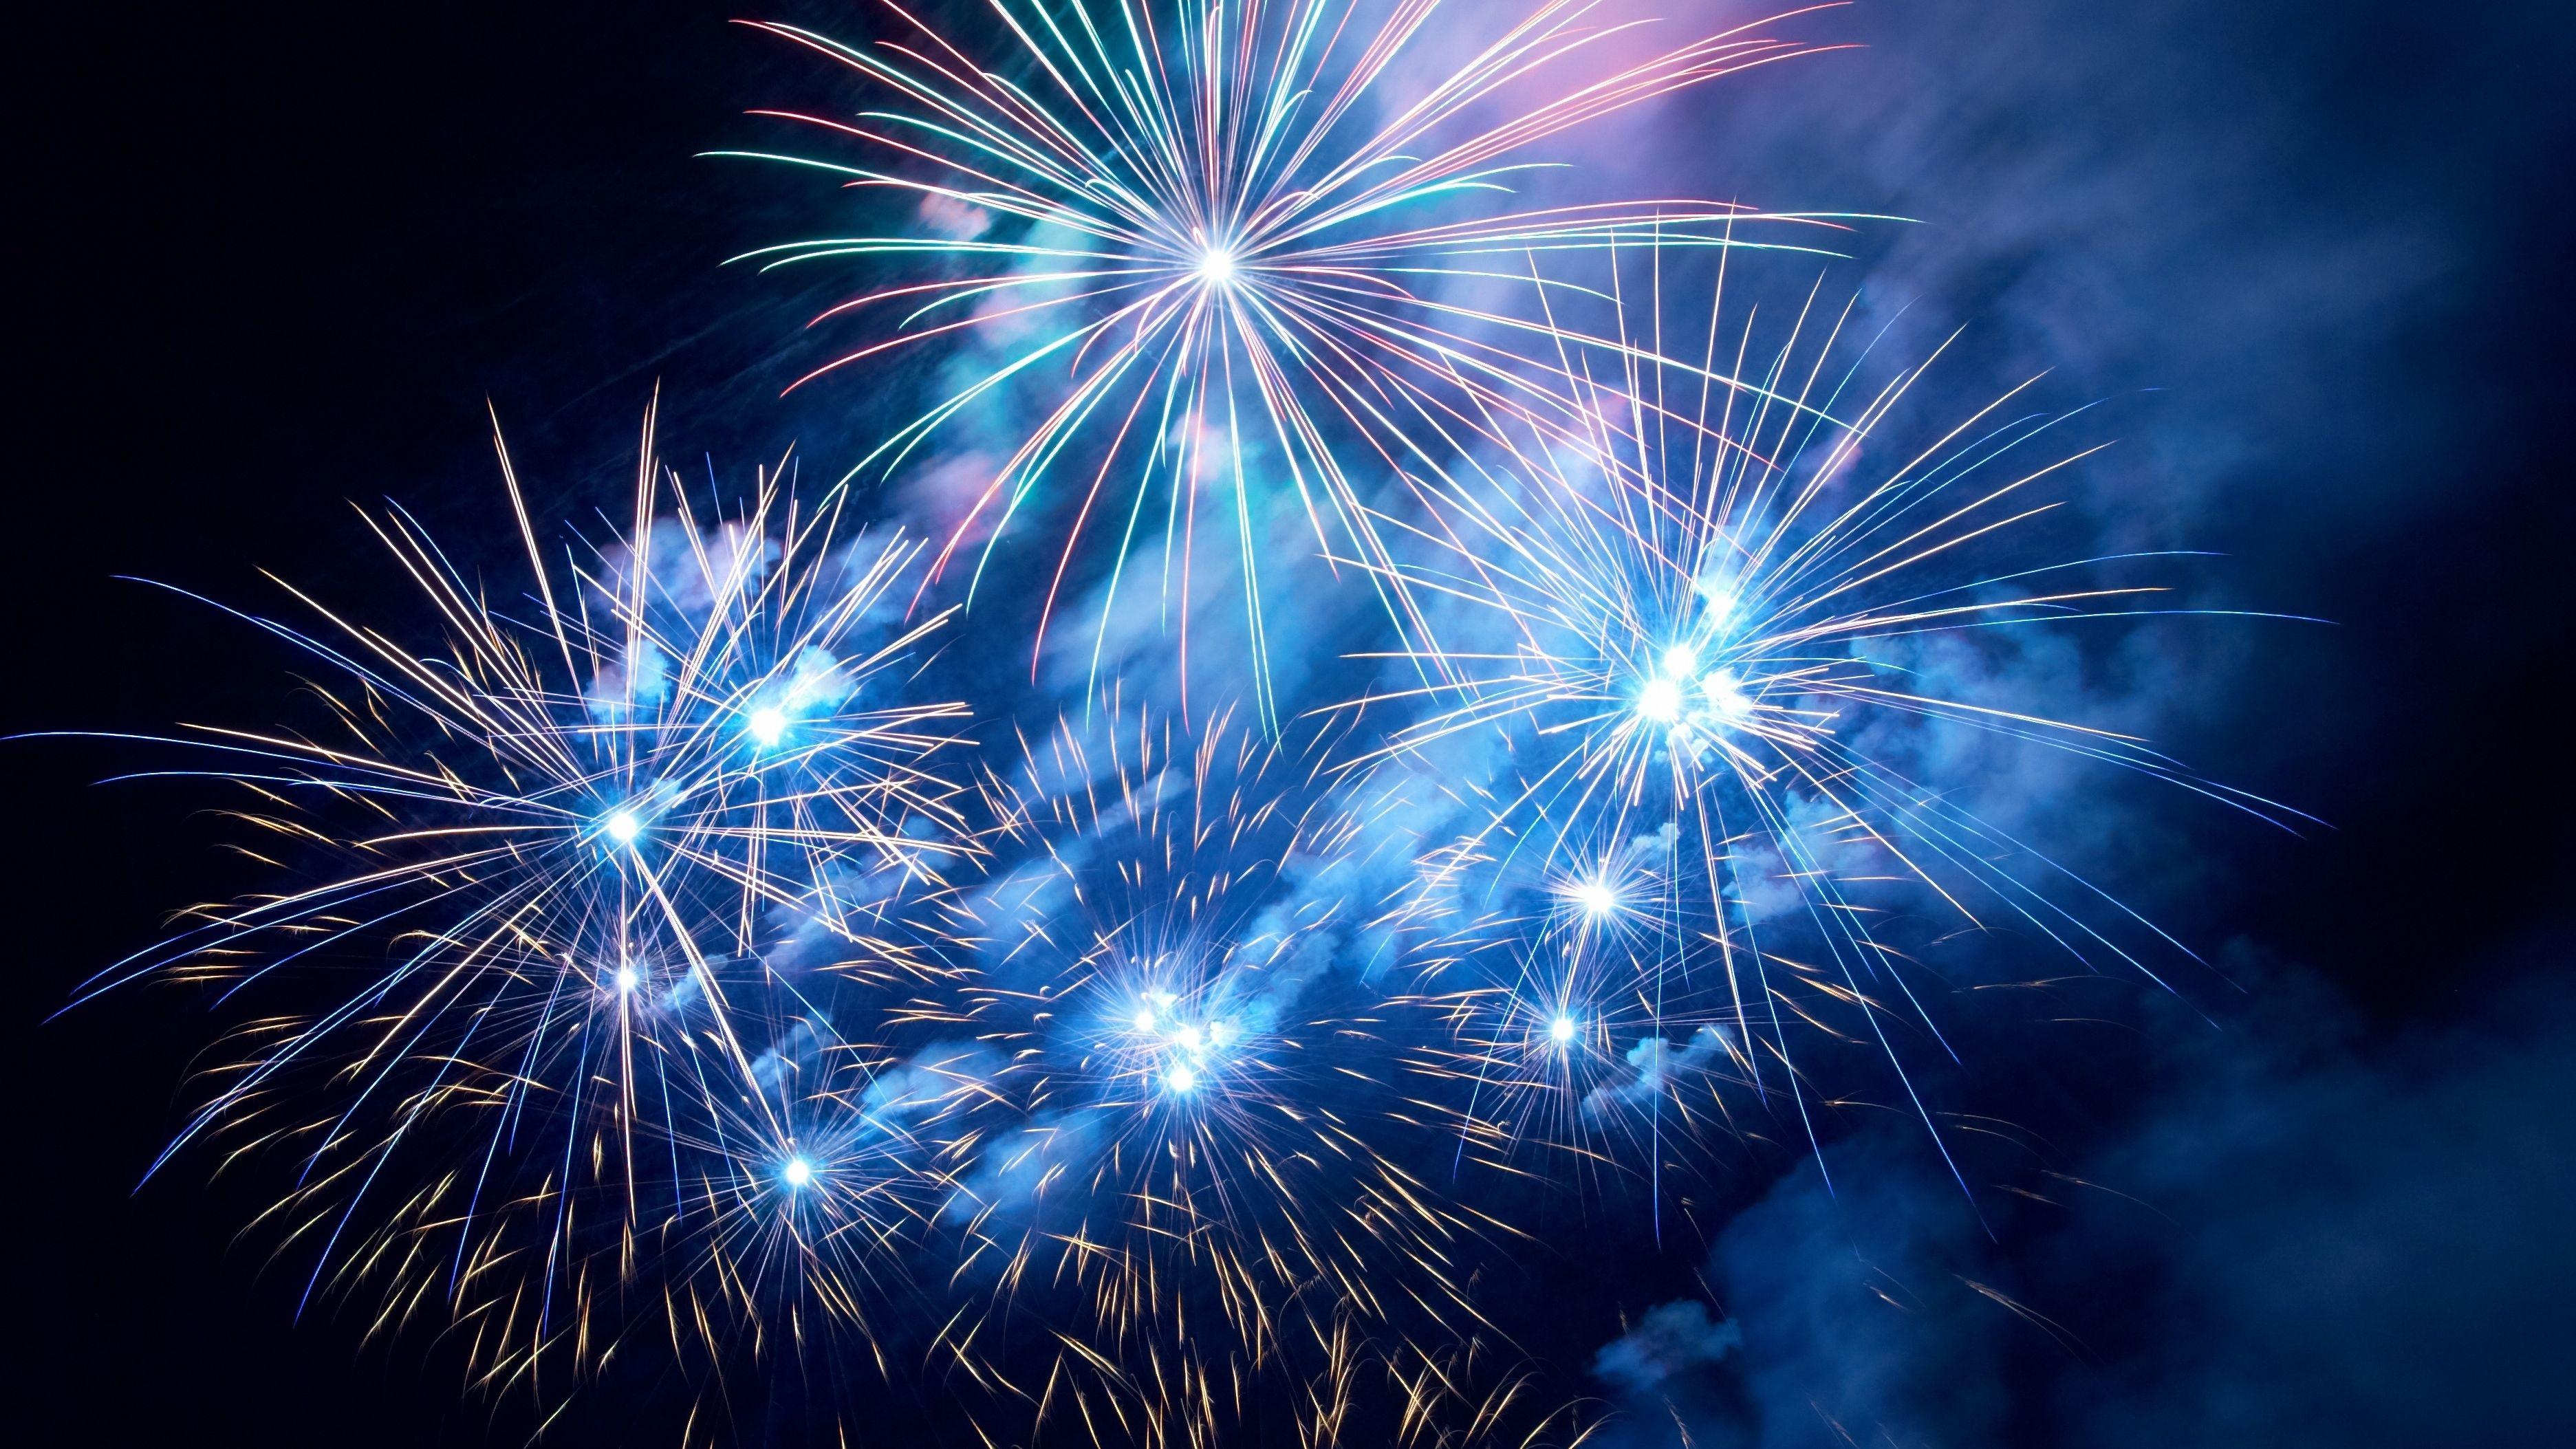 Ein Feuerwerk - Symbolbild